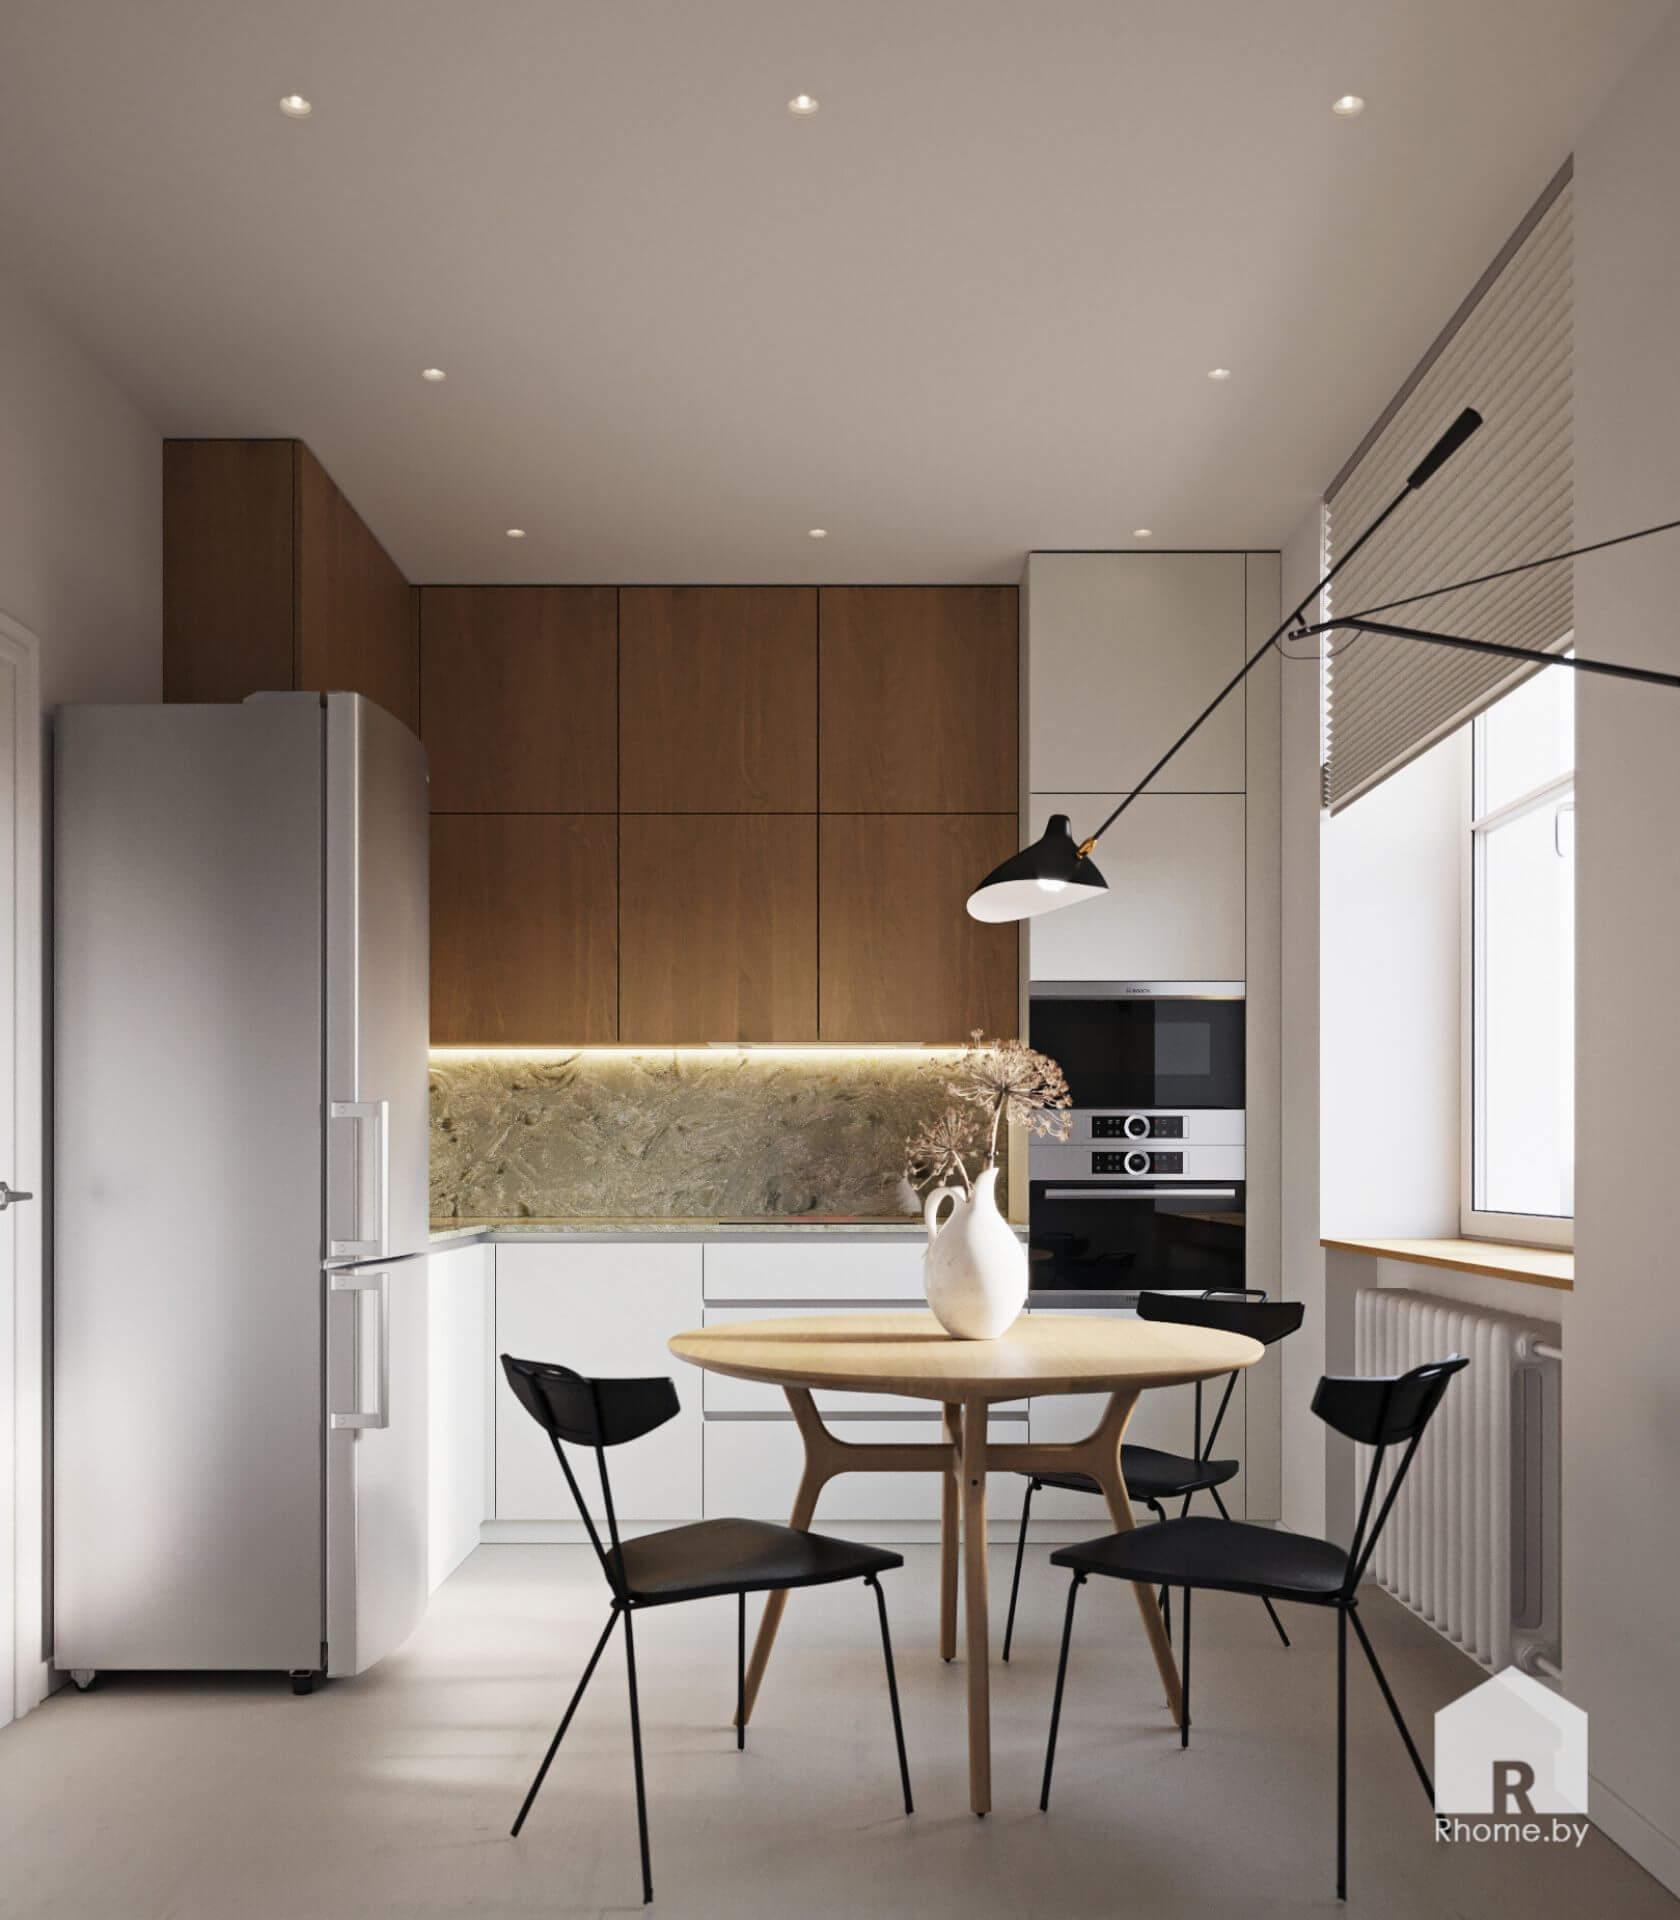 Современная деревянная кухня с круглым столом, черными стульями и хромированным холодильником.